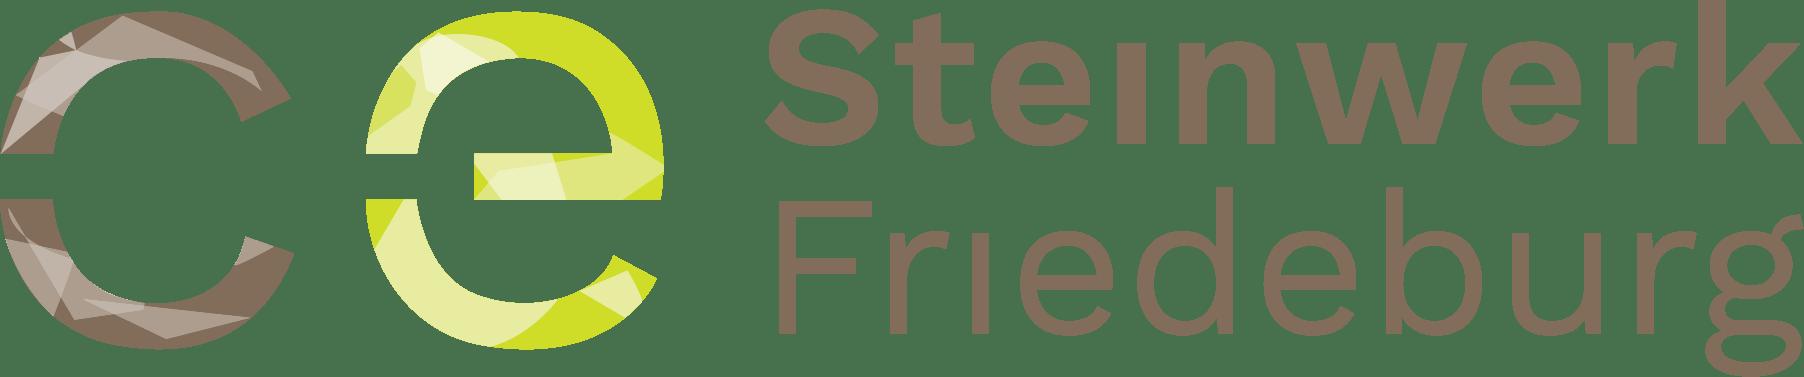 ce Steinwerk Friedeburg